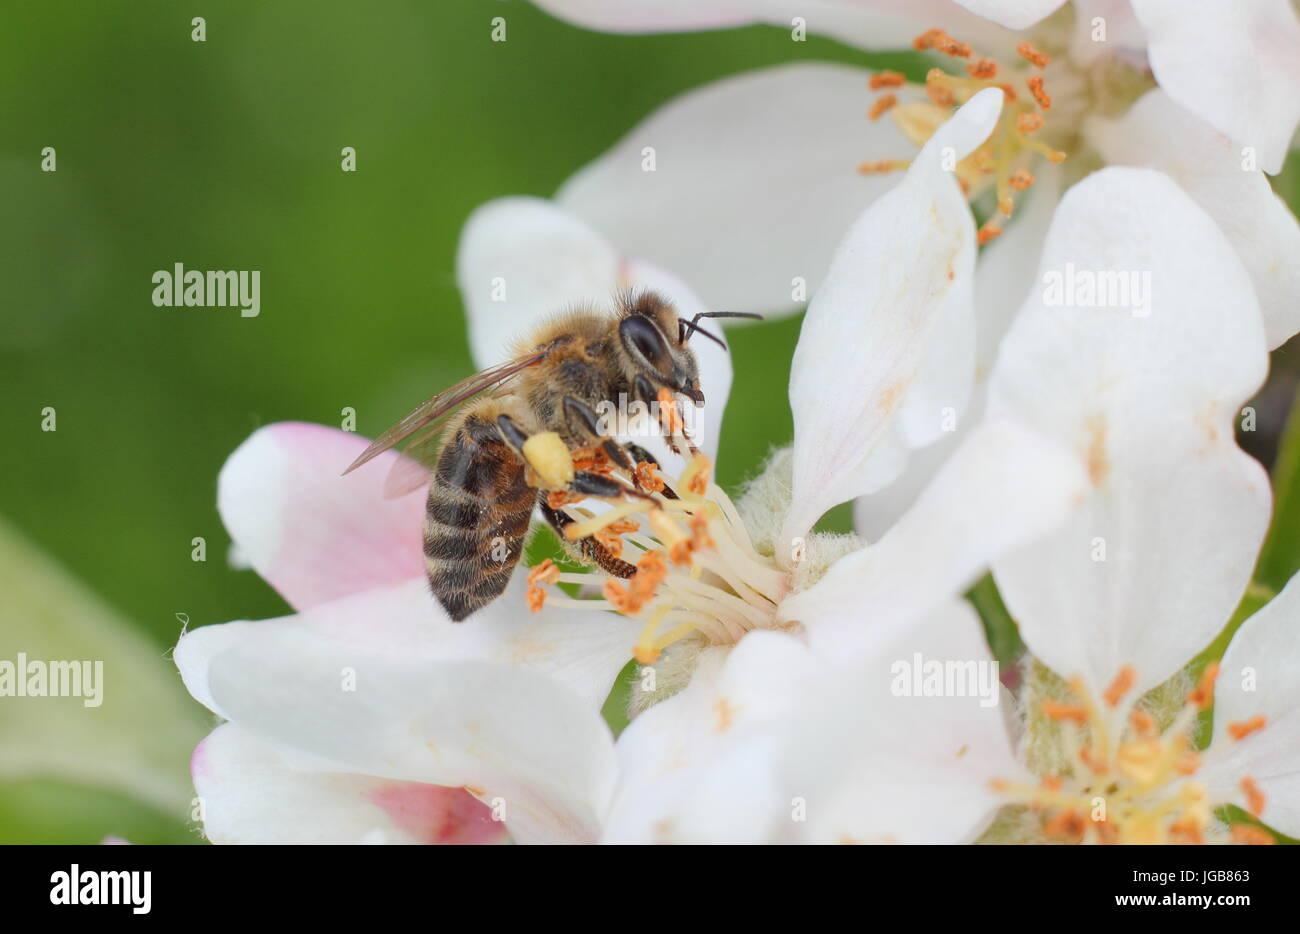 Miel de abejas (Apis mellifera), recogiendo el néctar de las flores de la primavera florecen de Malus domestica 'Katy', Apple tree en inglés un huerto en mayo, REINO UNIDO Foto de stock